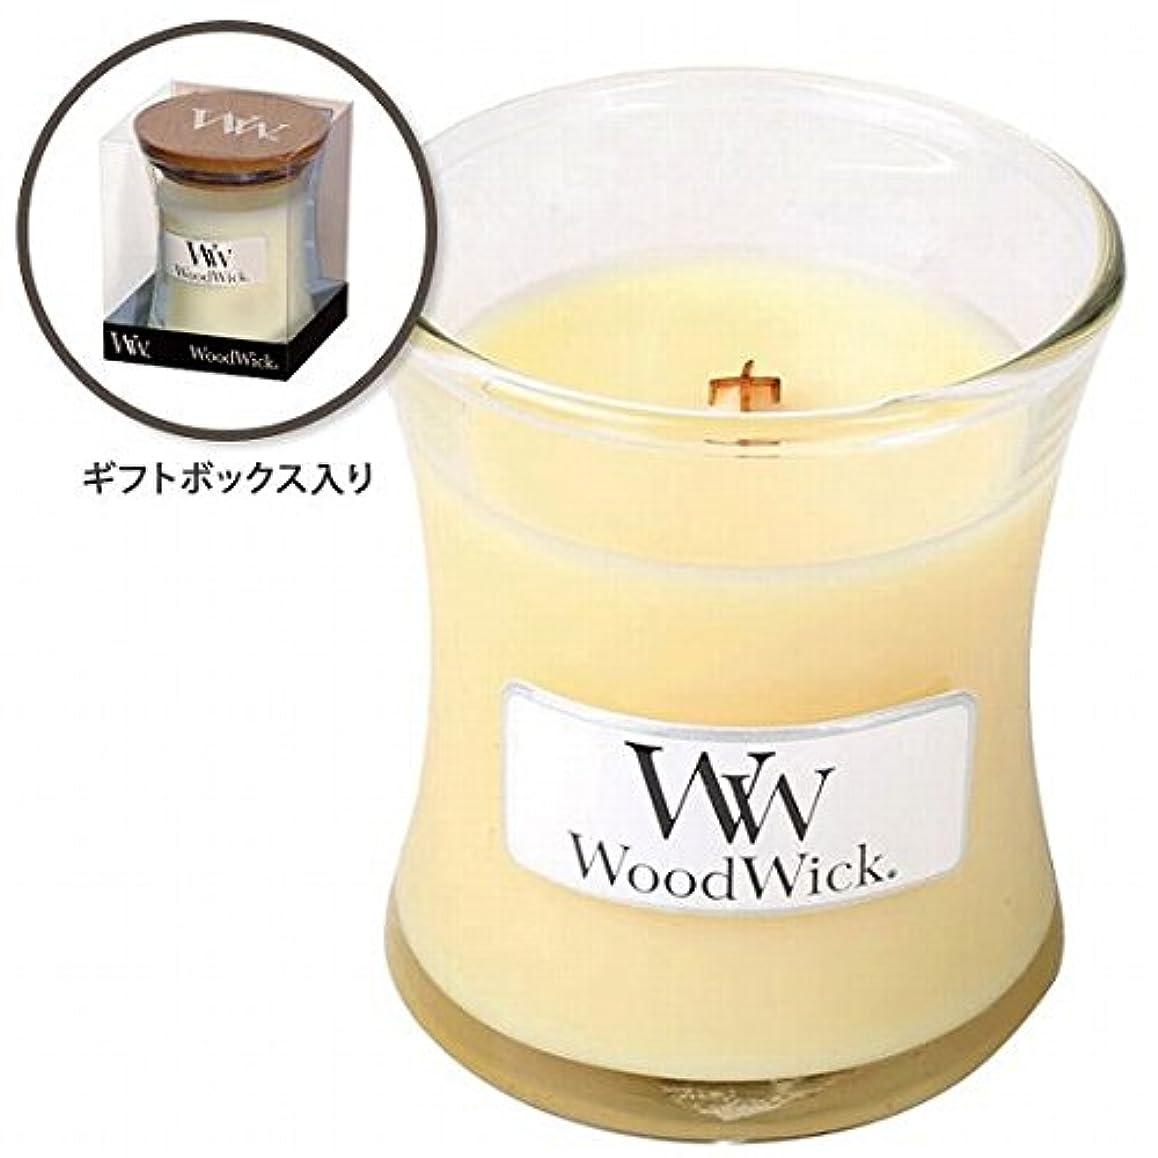 遠足模索テンションウッドウィック( WoodWick ) Wood WickジャーS 「レモングラス&リリー」